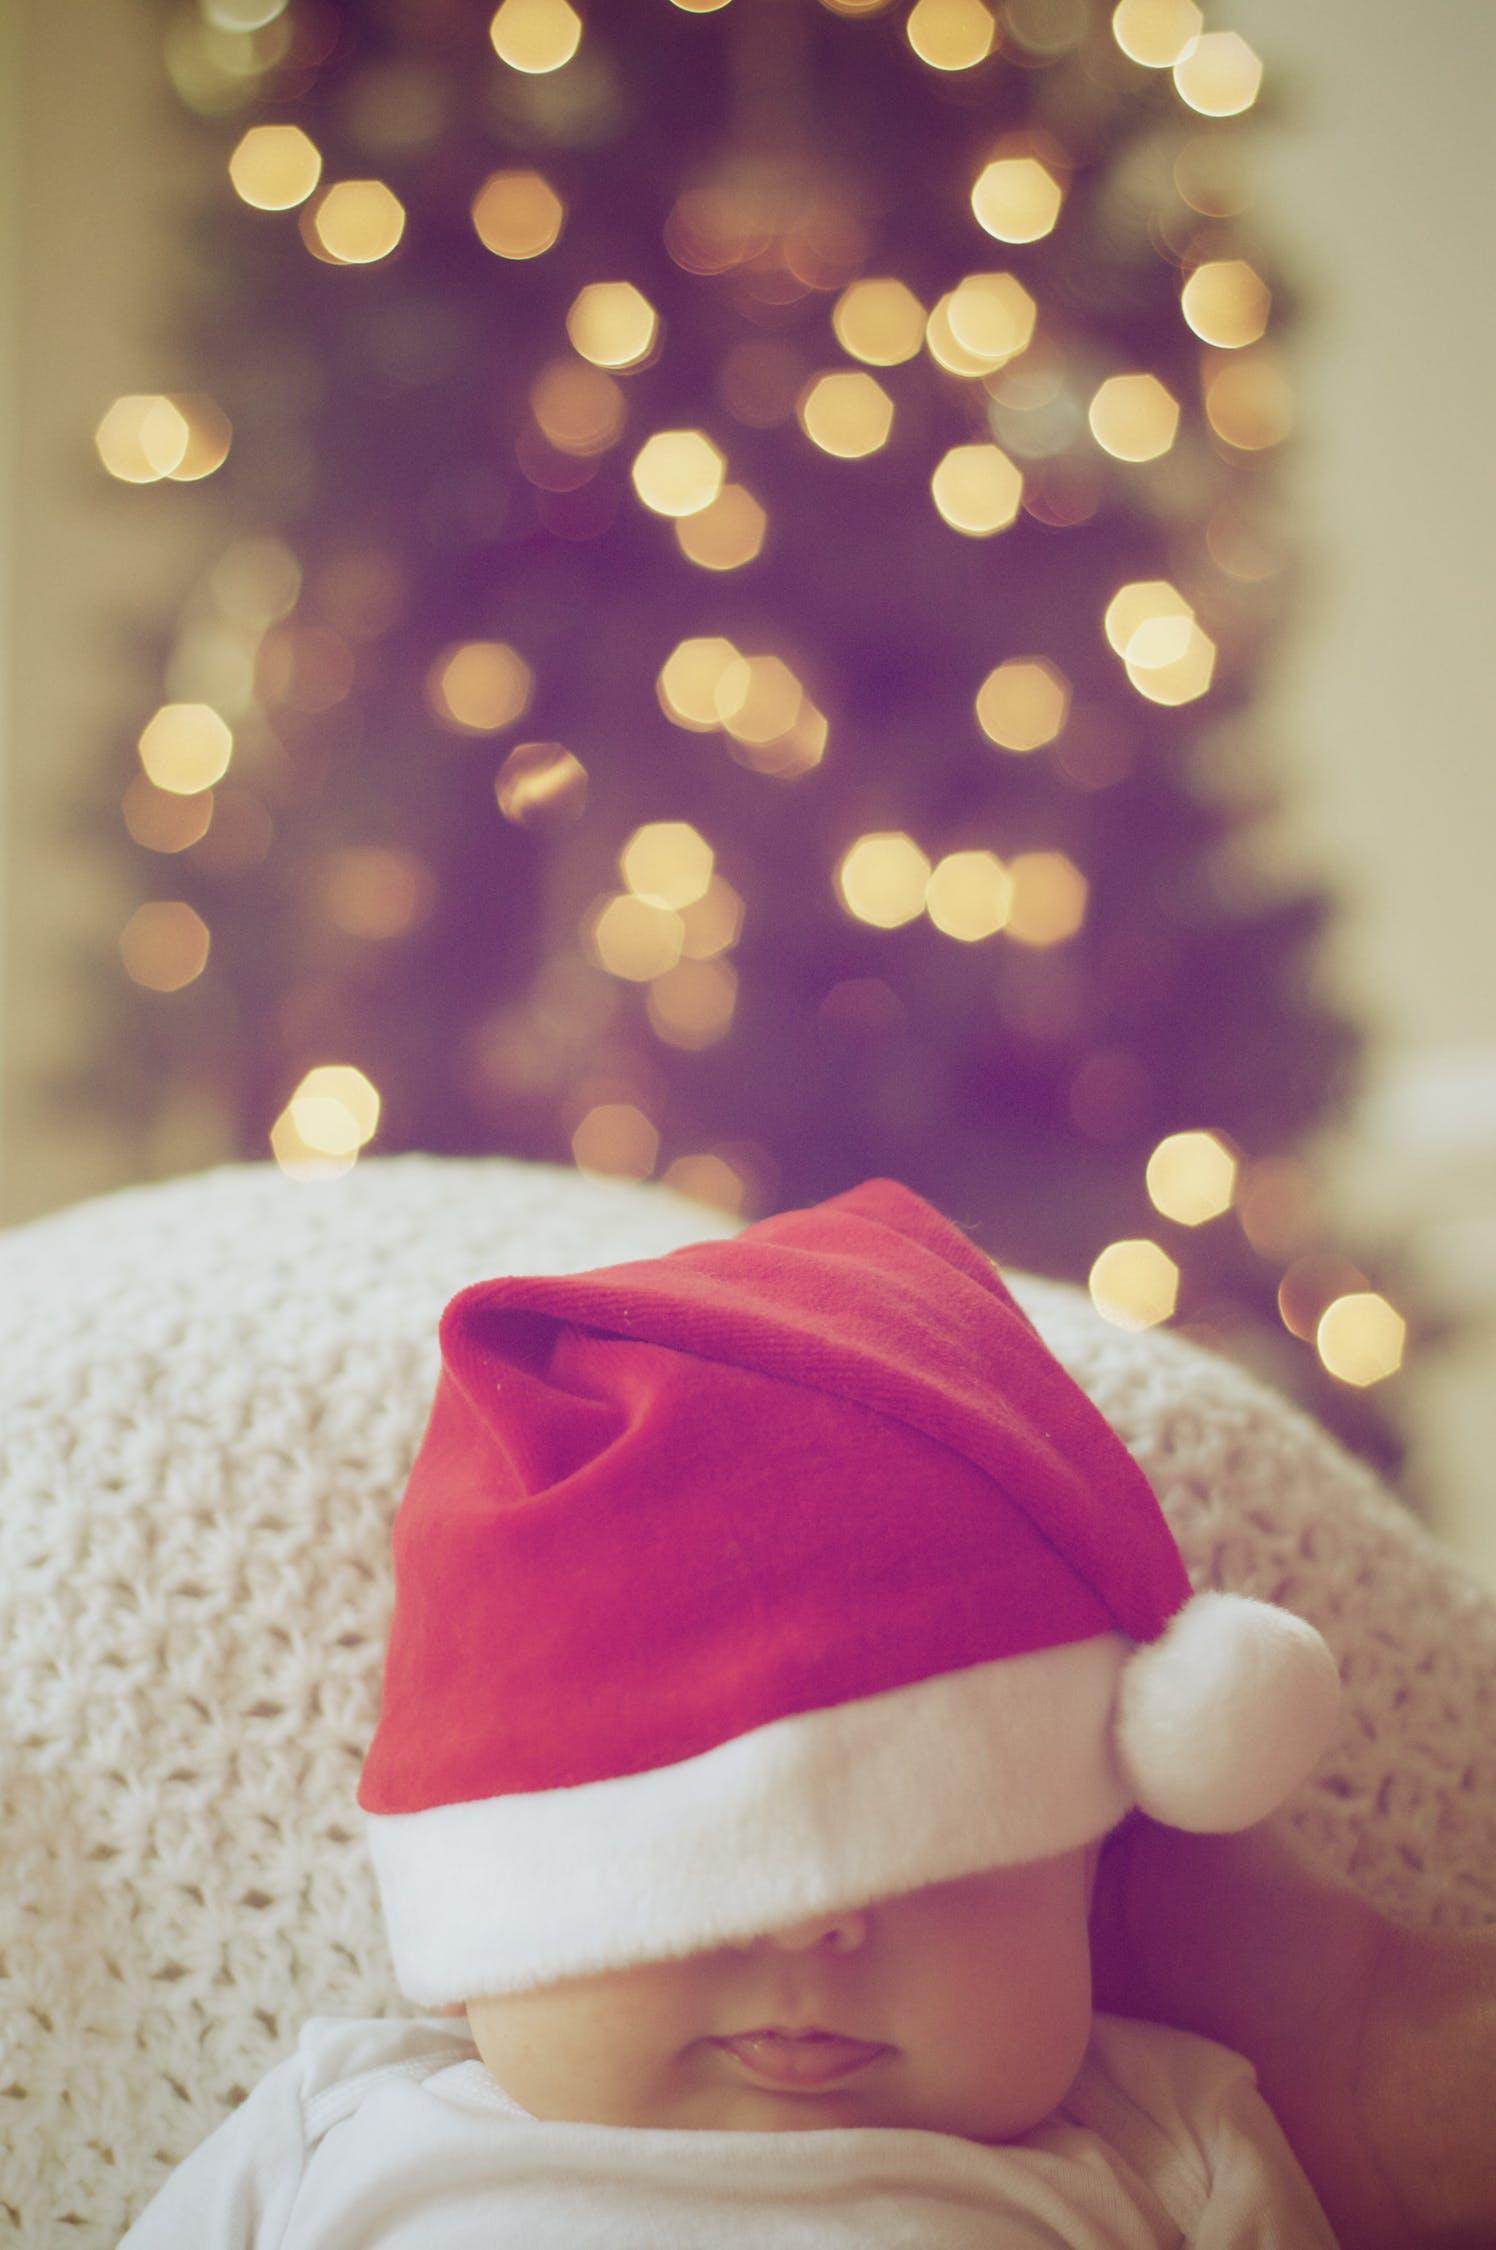 Ajánlott eszközök - Tippek a tökéletes karácsonyi fotóhoz - NEXTFOTO